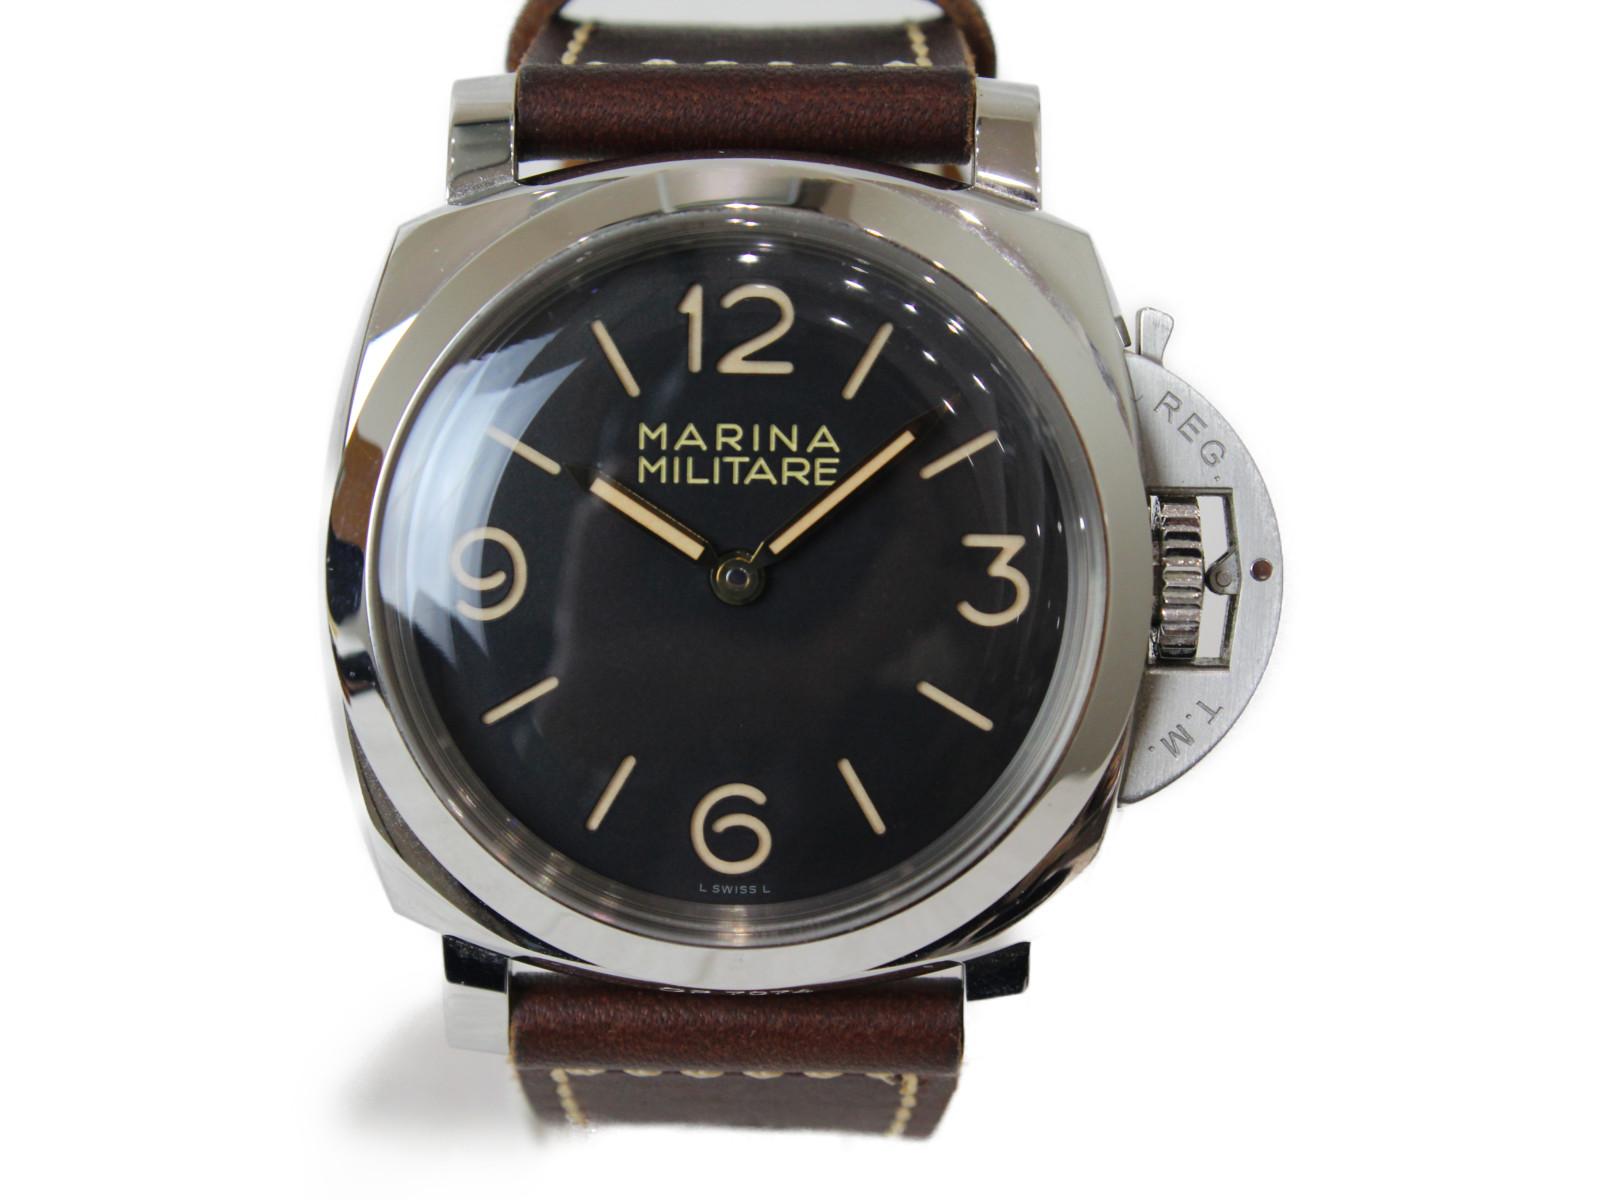 【1000本限定】OFFICINE PANERAI オフィチーネ パネライ ルミノール1950マリーナミリターレ3デイズ アッチャイオ PAM00673 手巻き SS 革ベルト ブラック メンズ 腕時計【中古】